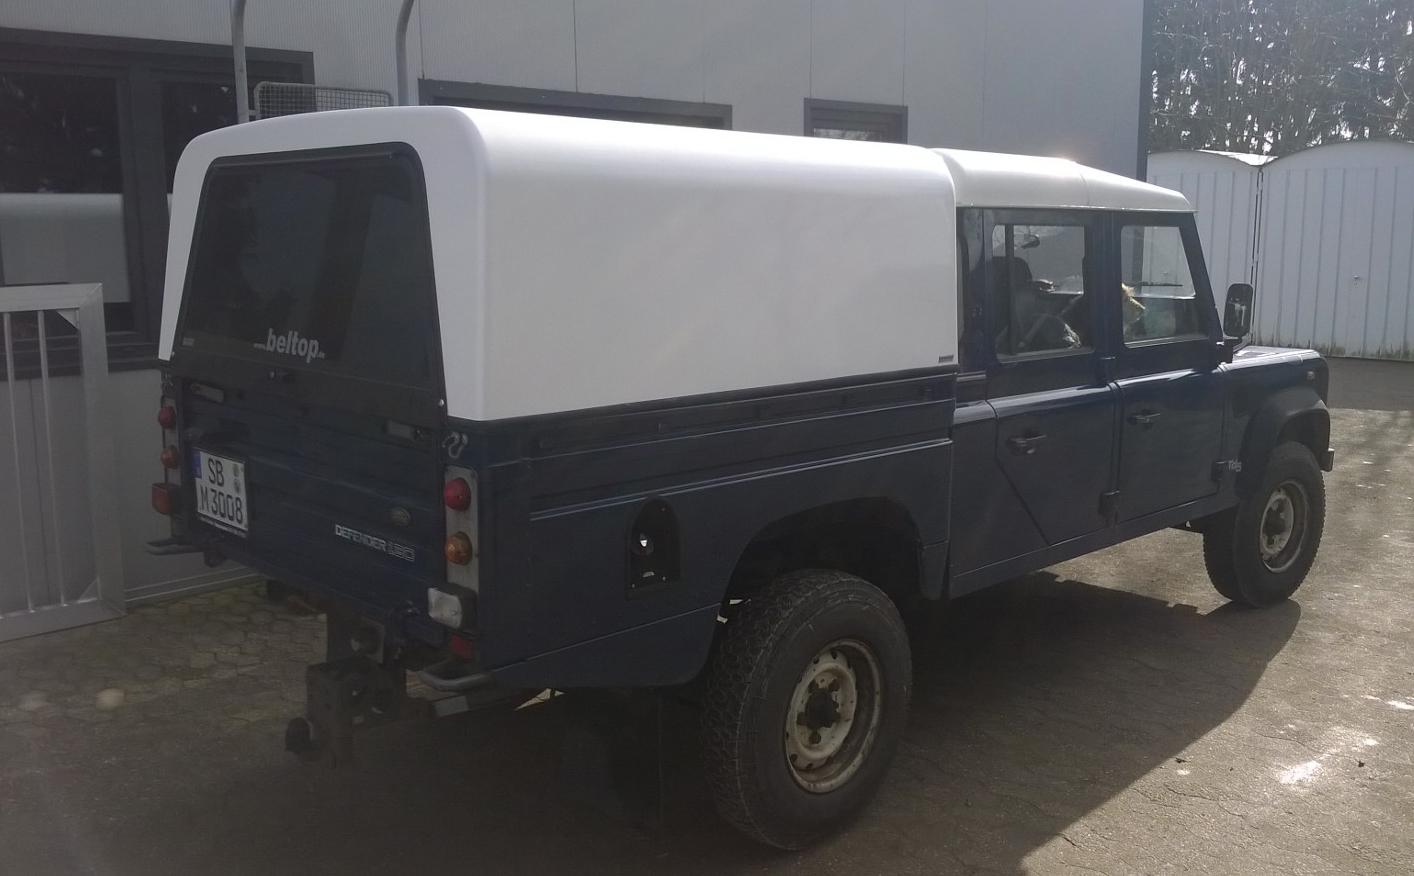 """Hardtop """"Beltop Classic"""" Land Rover 130 Doppelkabine"""